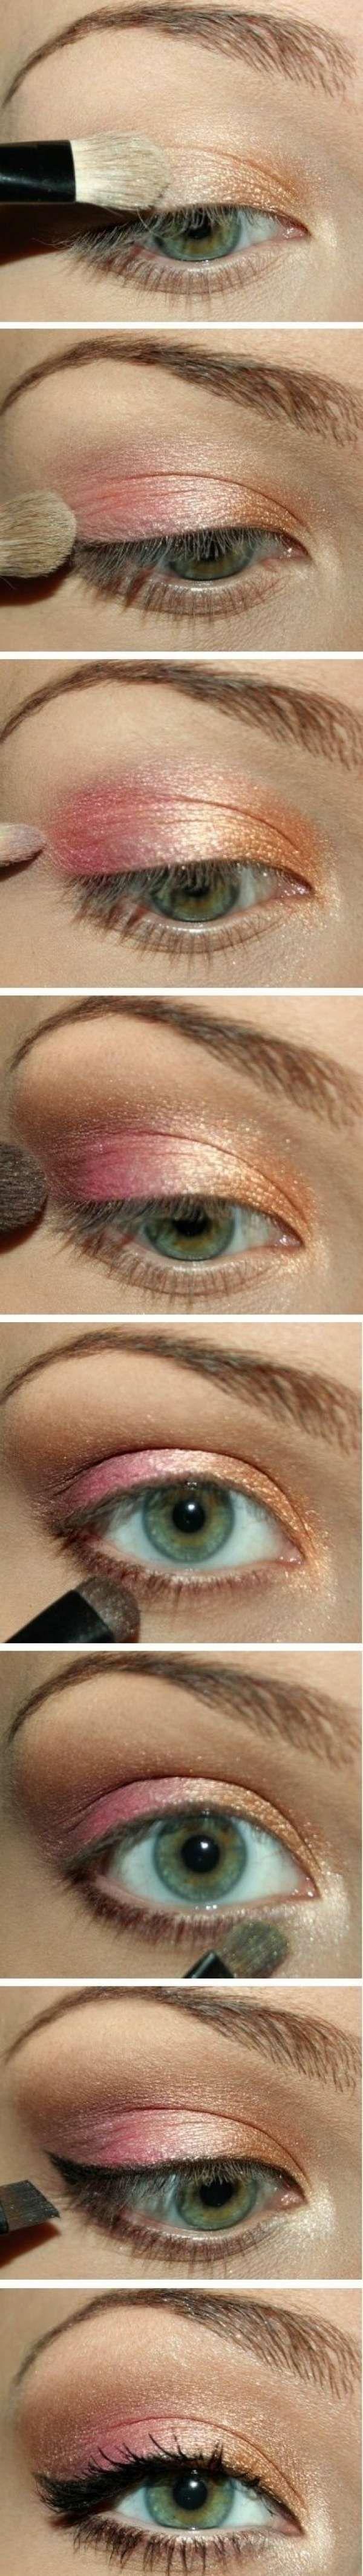 Maquillage rose pêche. 15 tutos de maquillages pour les yeux que vous allez adorer